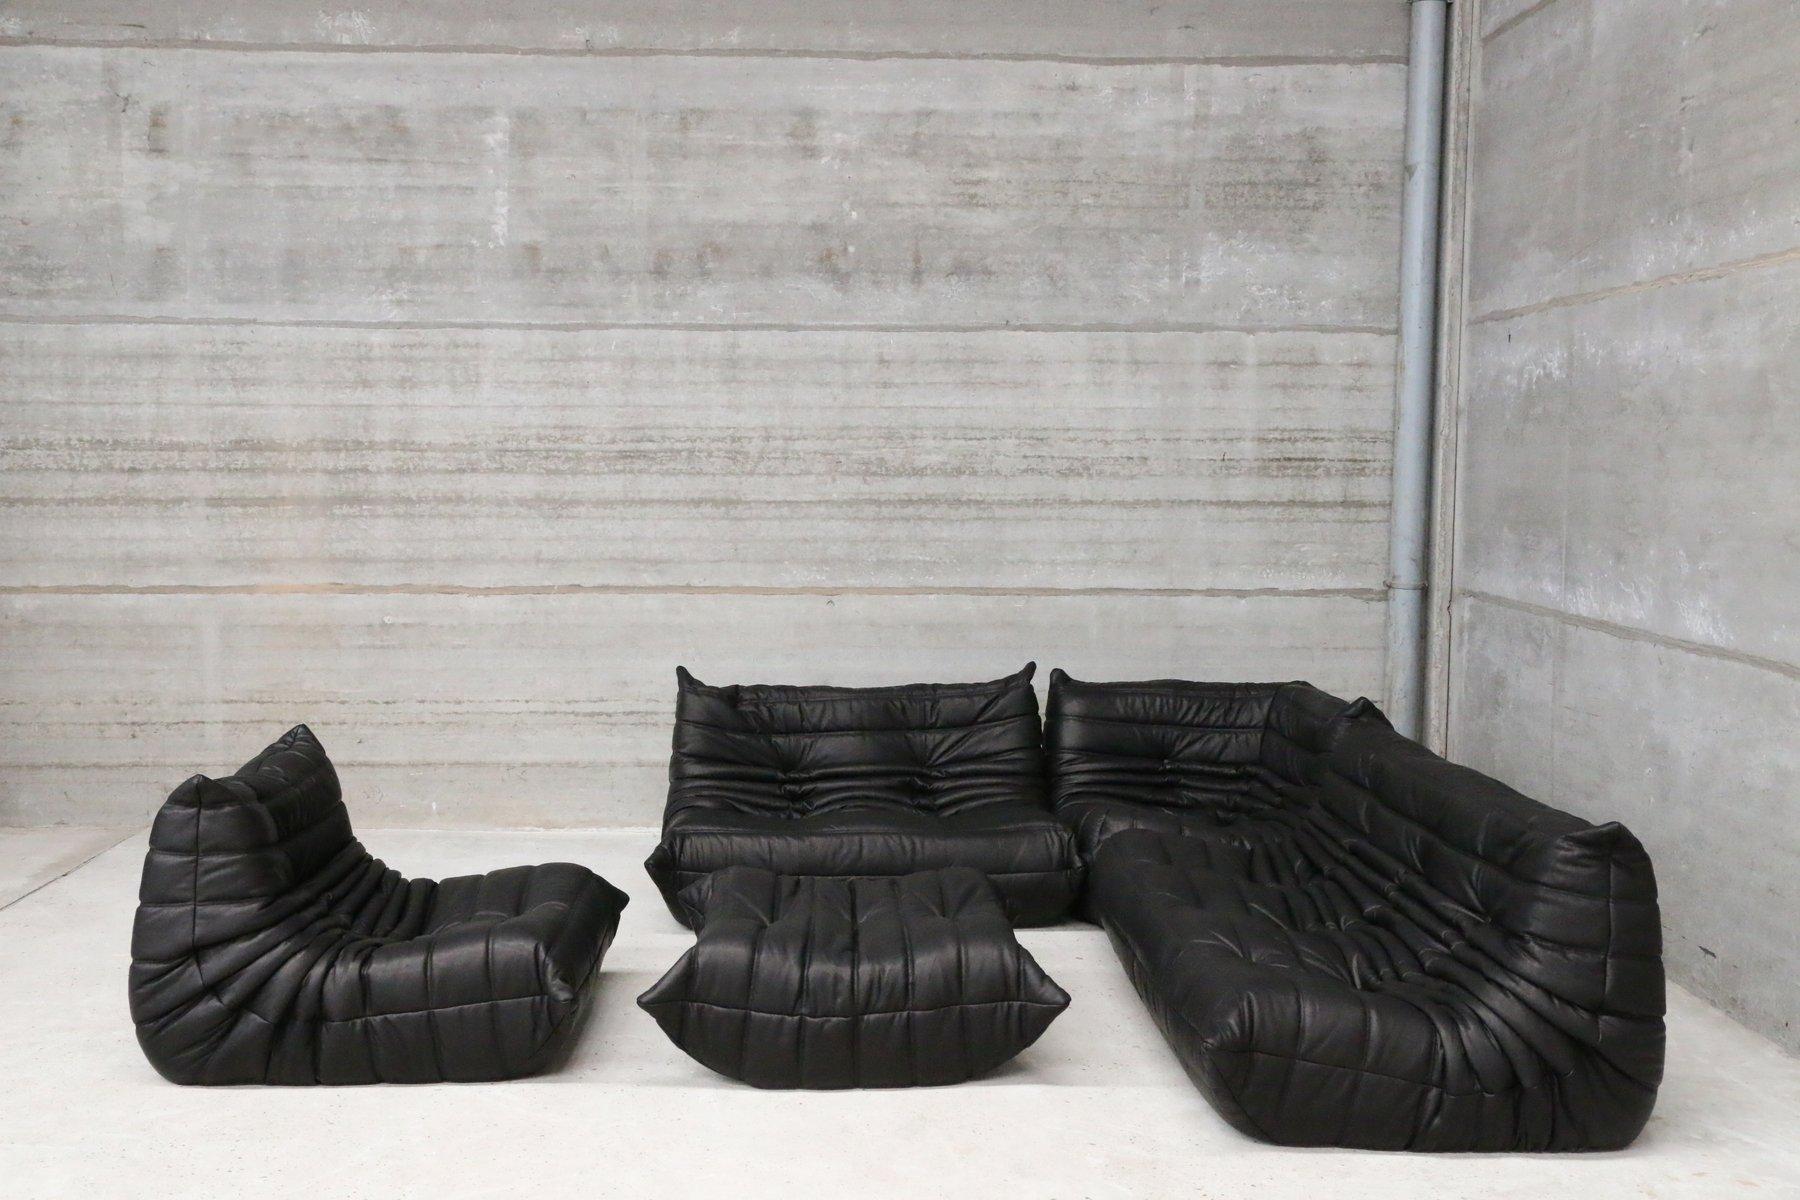 set de canap s togo vintage en cuir noir par michel ducaroy pour ligne roset en vente sur pamono. Black Bedroom Furniture Sets. Home Design Ideas